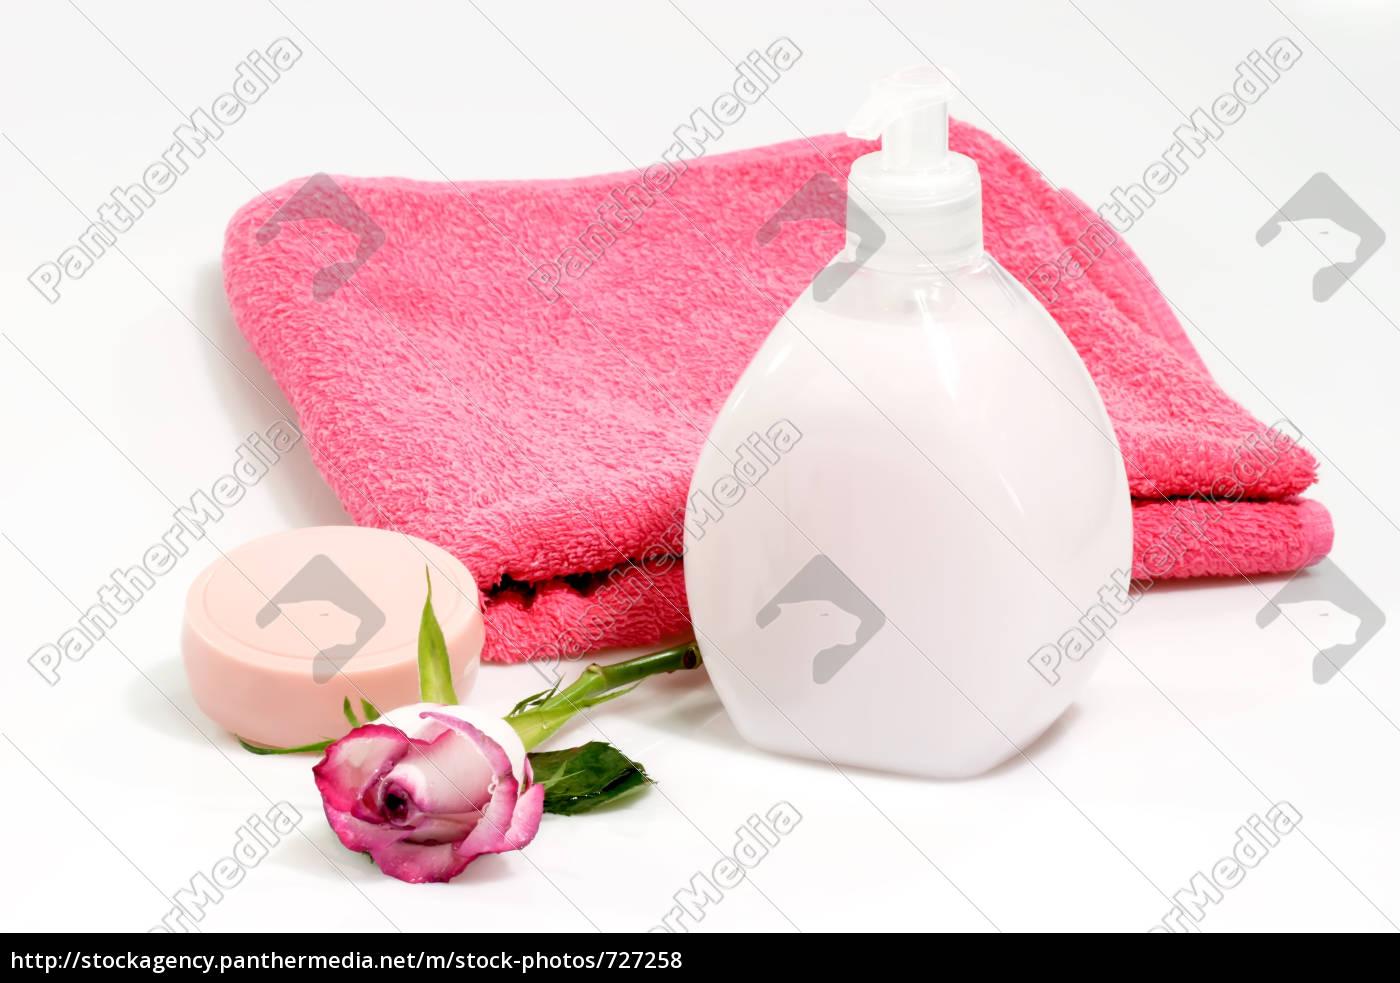 rosenwasser - 727258